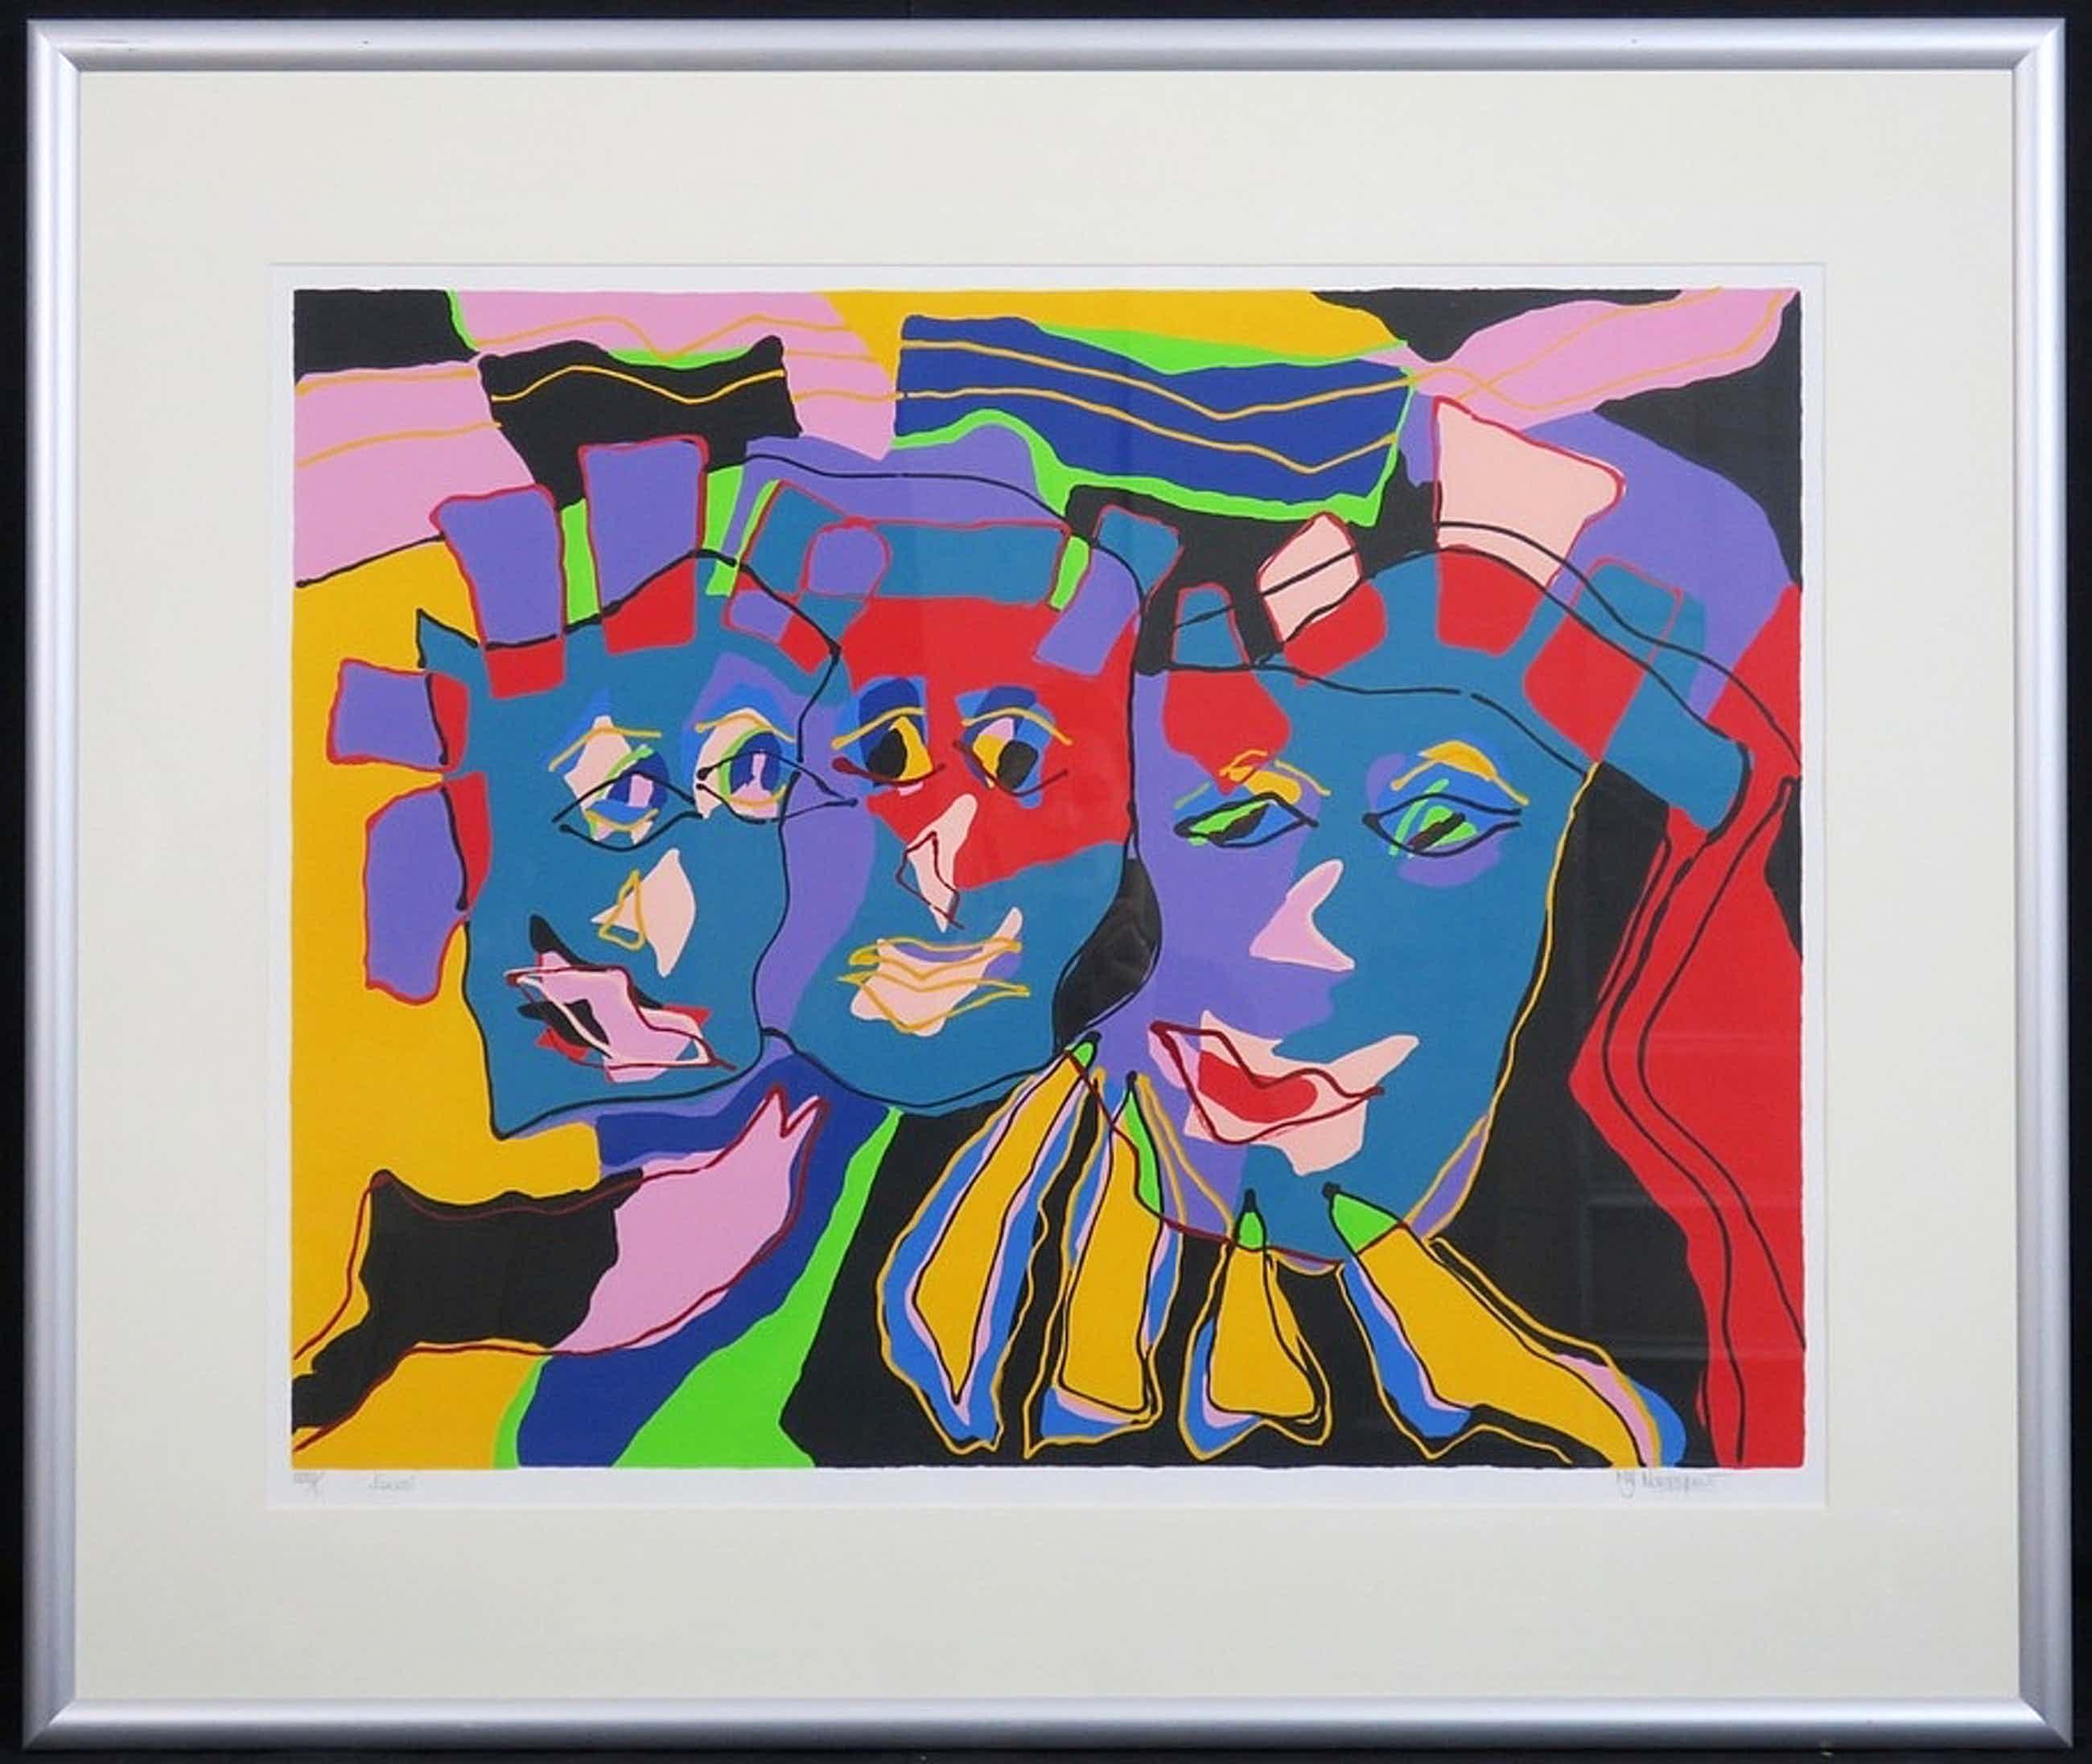 Marianne Naerebout - Kleurenzeefdruk FACES Handgesigneerd en INGELIJST!! kopen? Bied vanaf 125!